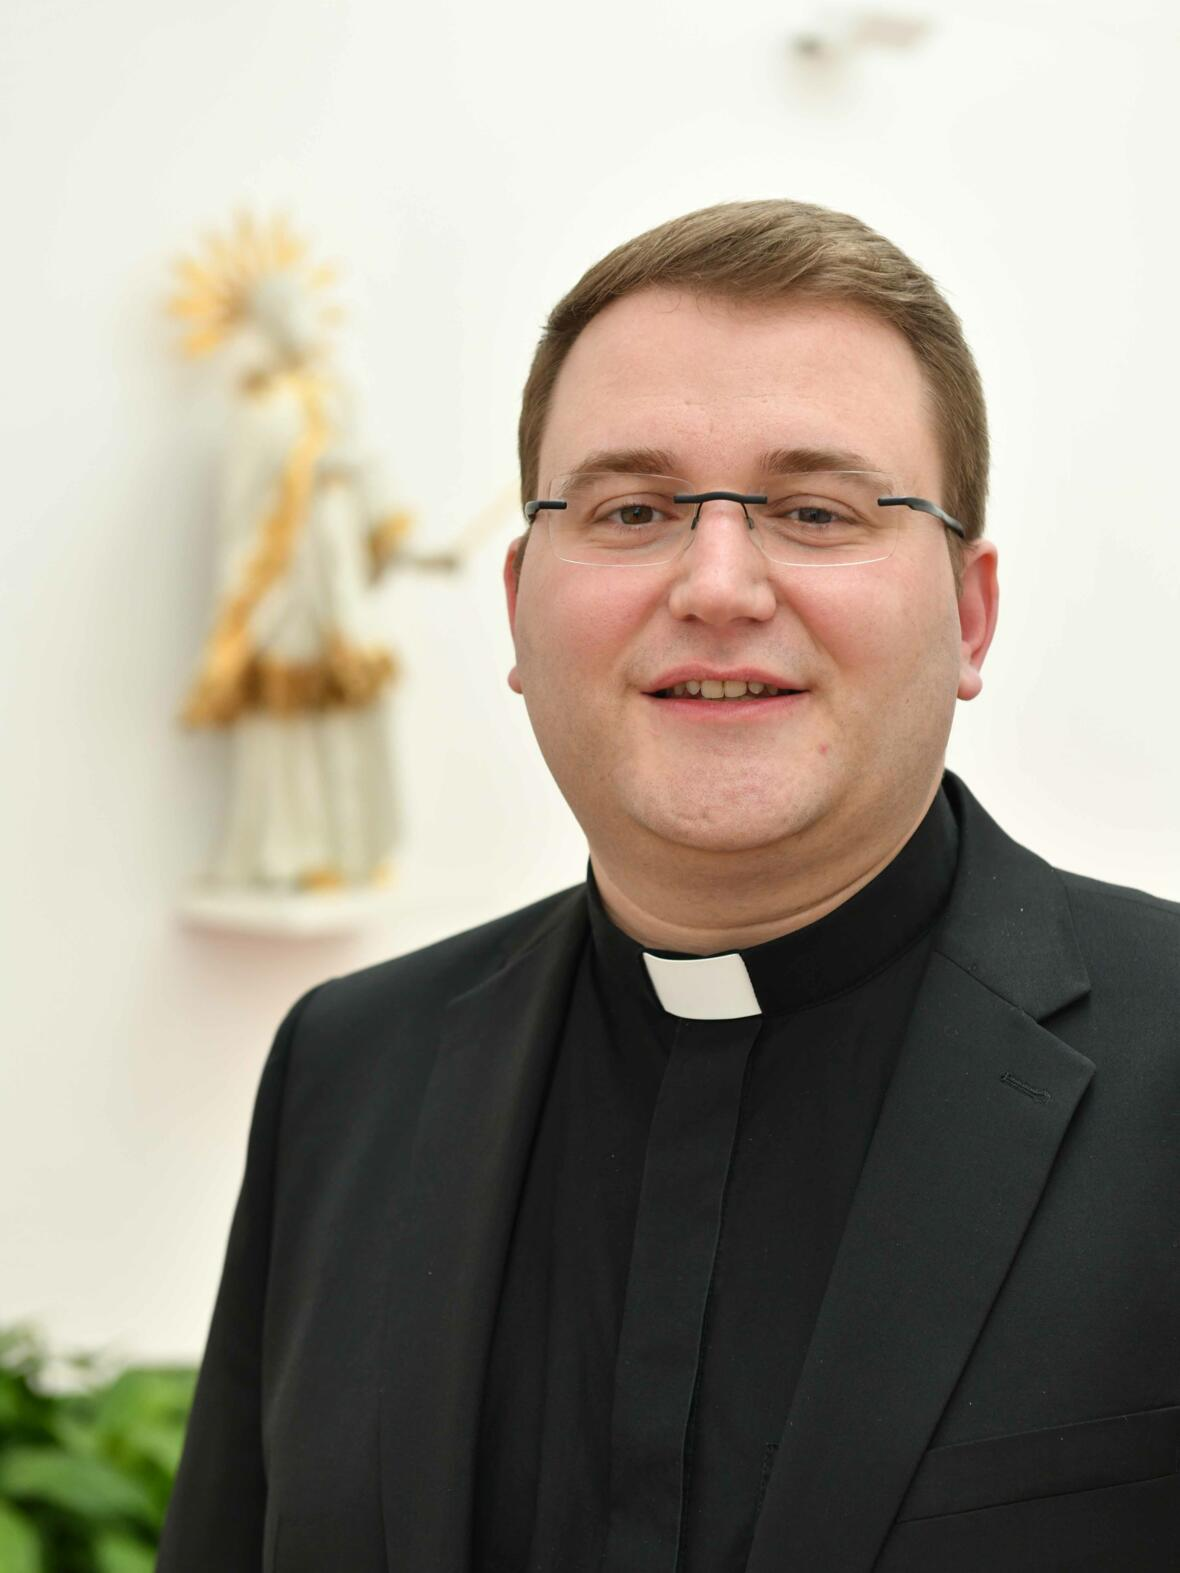 Diakon Dominic Ehehalt